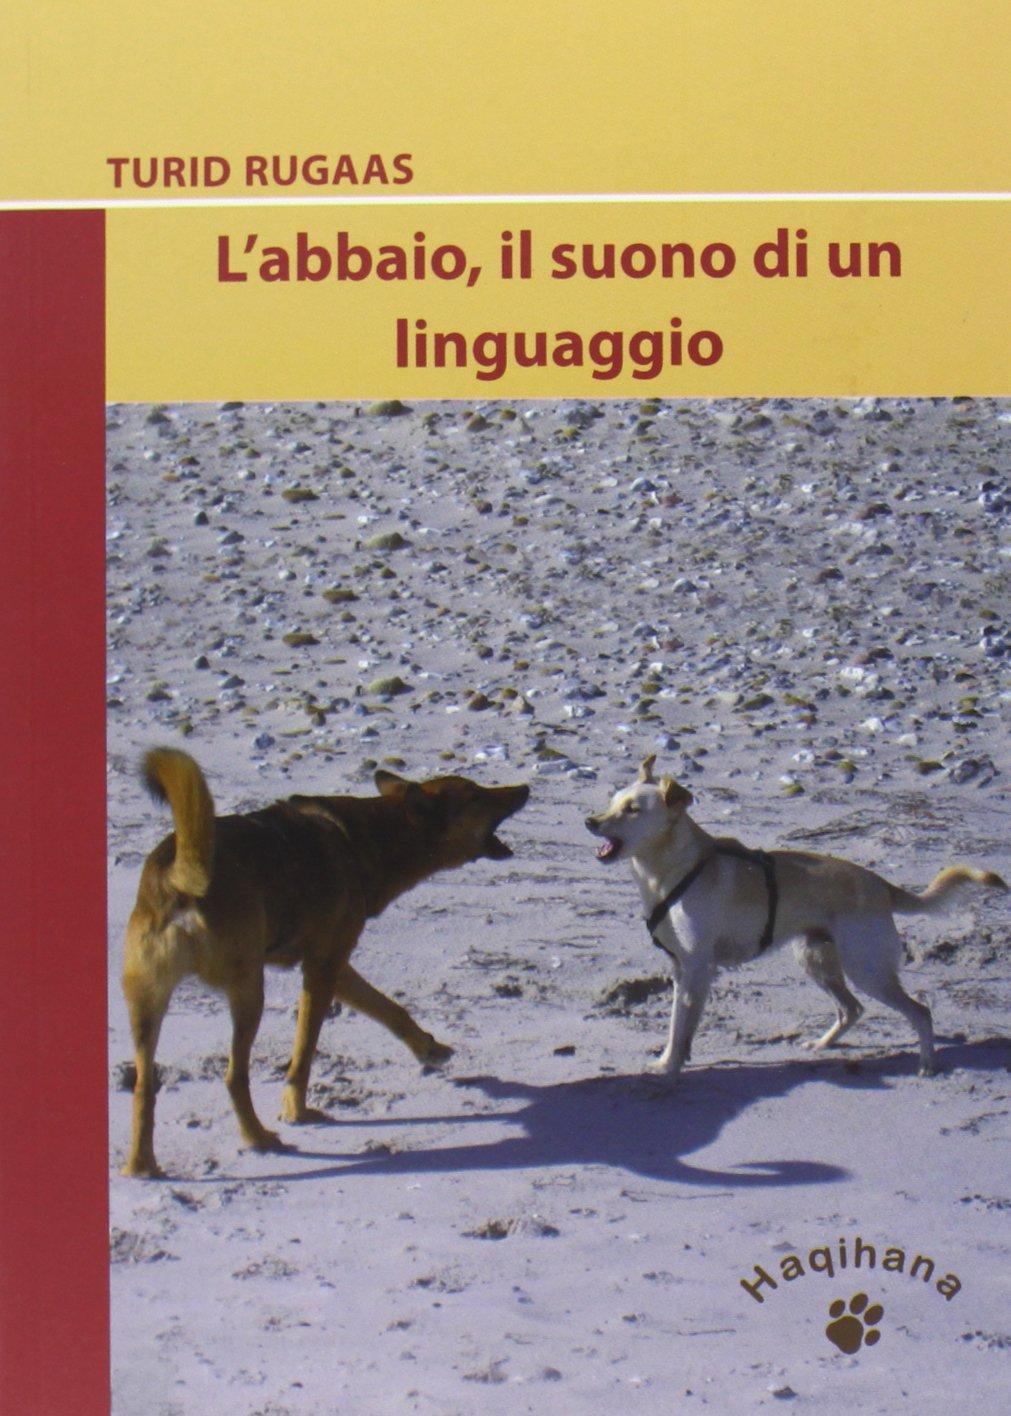 L'abbaio, il suono di un linguaggio Copertina flessibile – 31 dic 2011 Turid Rugaas L. Massaro C. Cauda L' abbaio